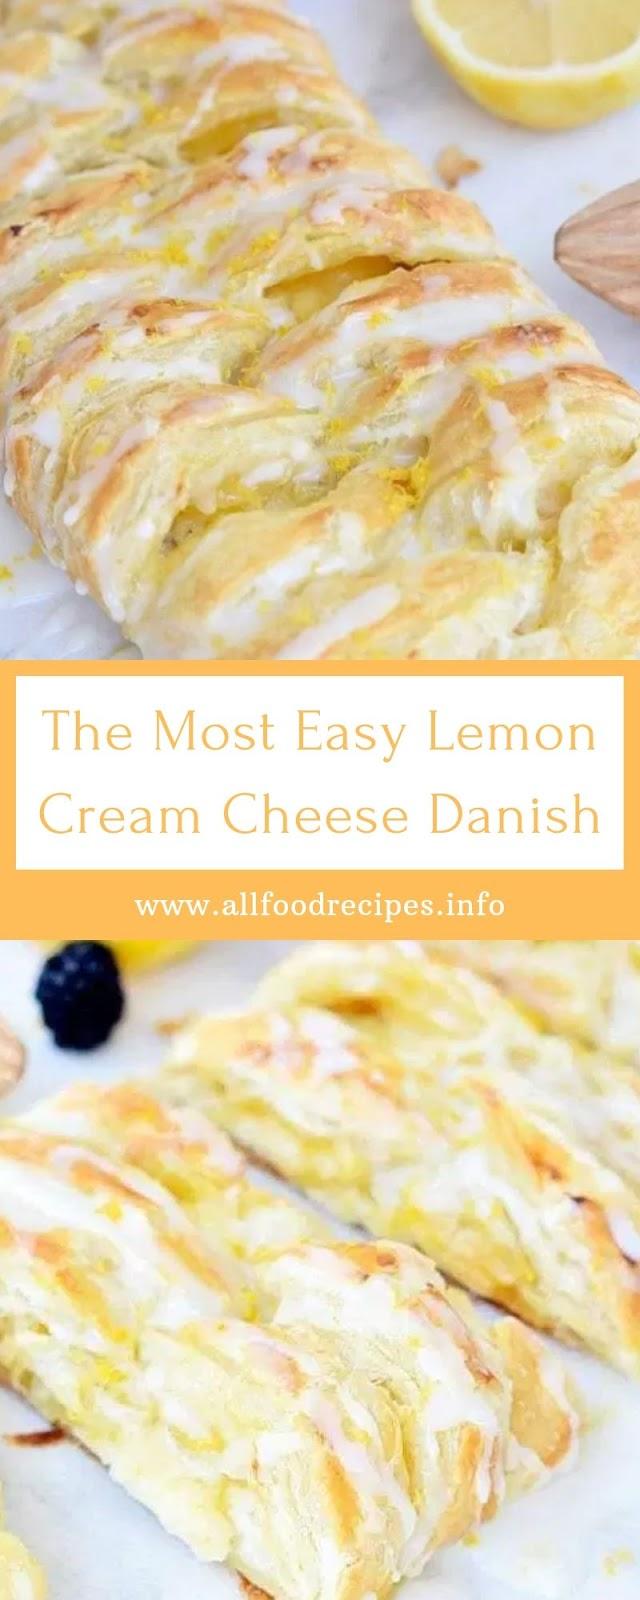 The Most Easy Lemon Cream Cheese Danish